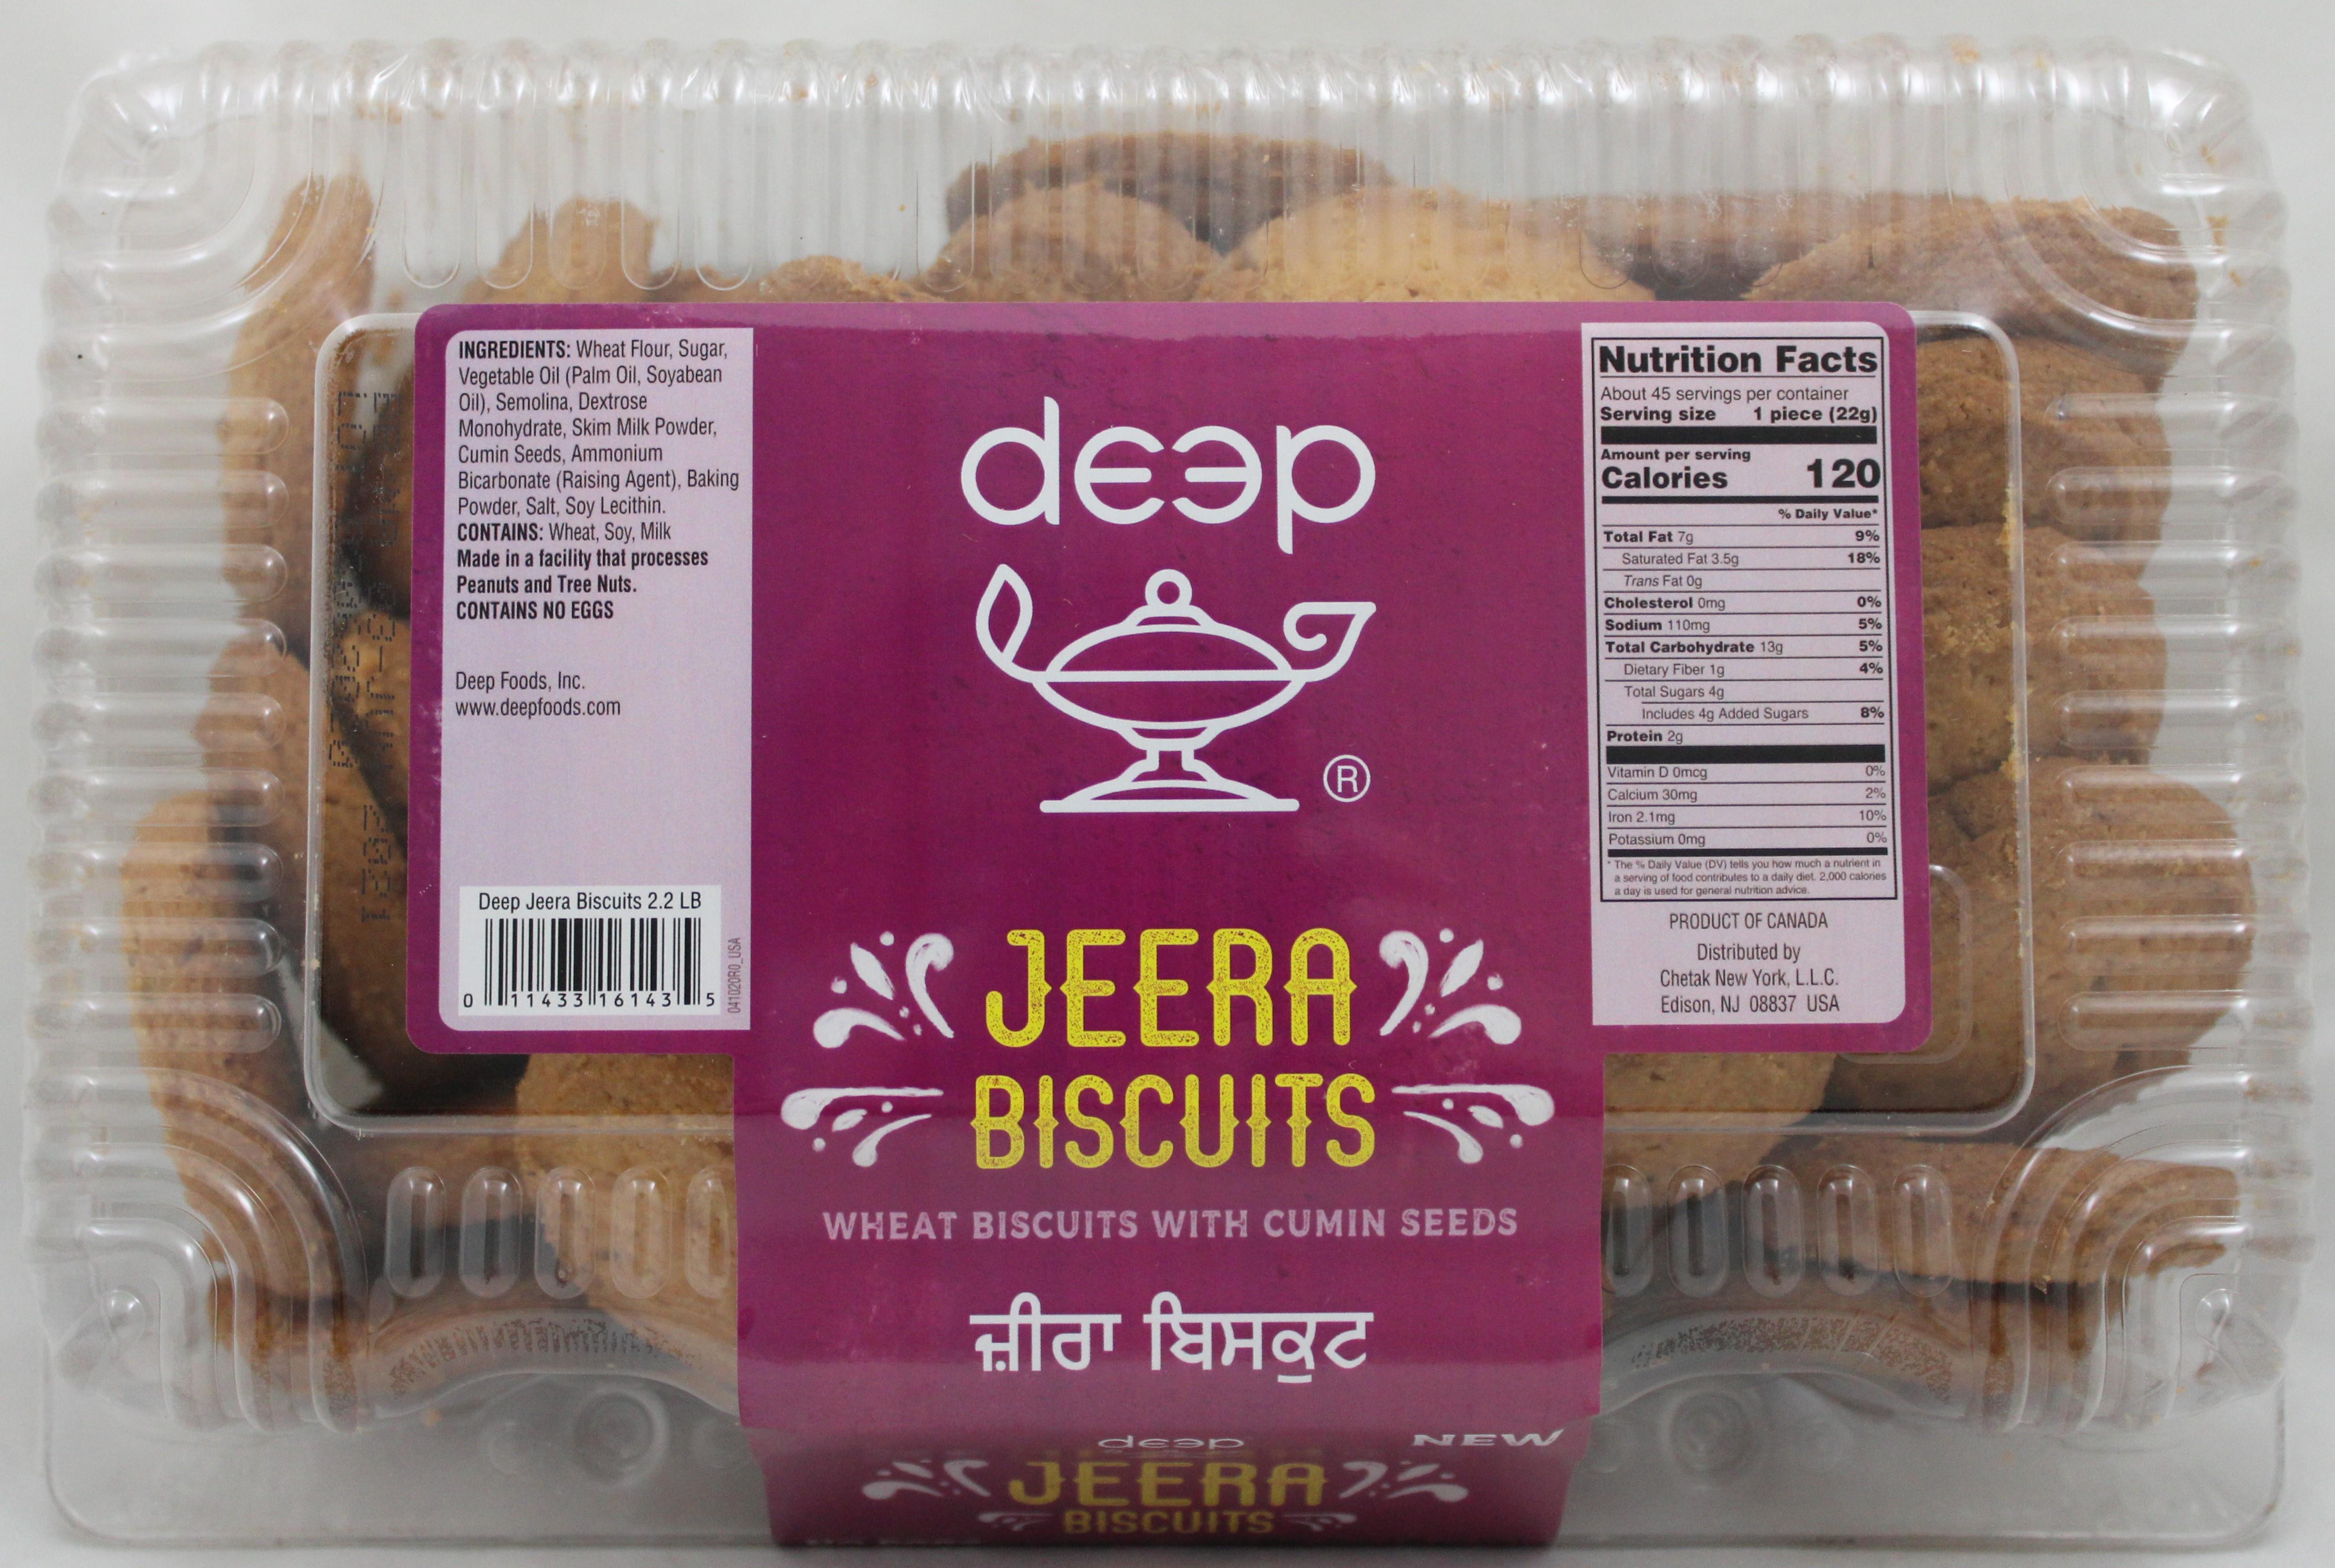 Jeera Biscuits 2.2Lb